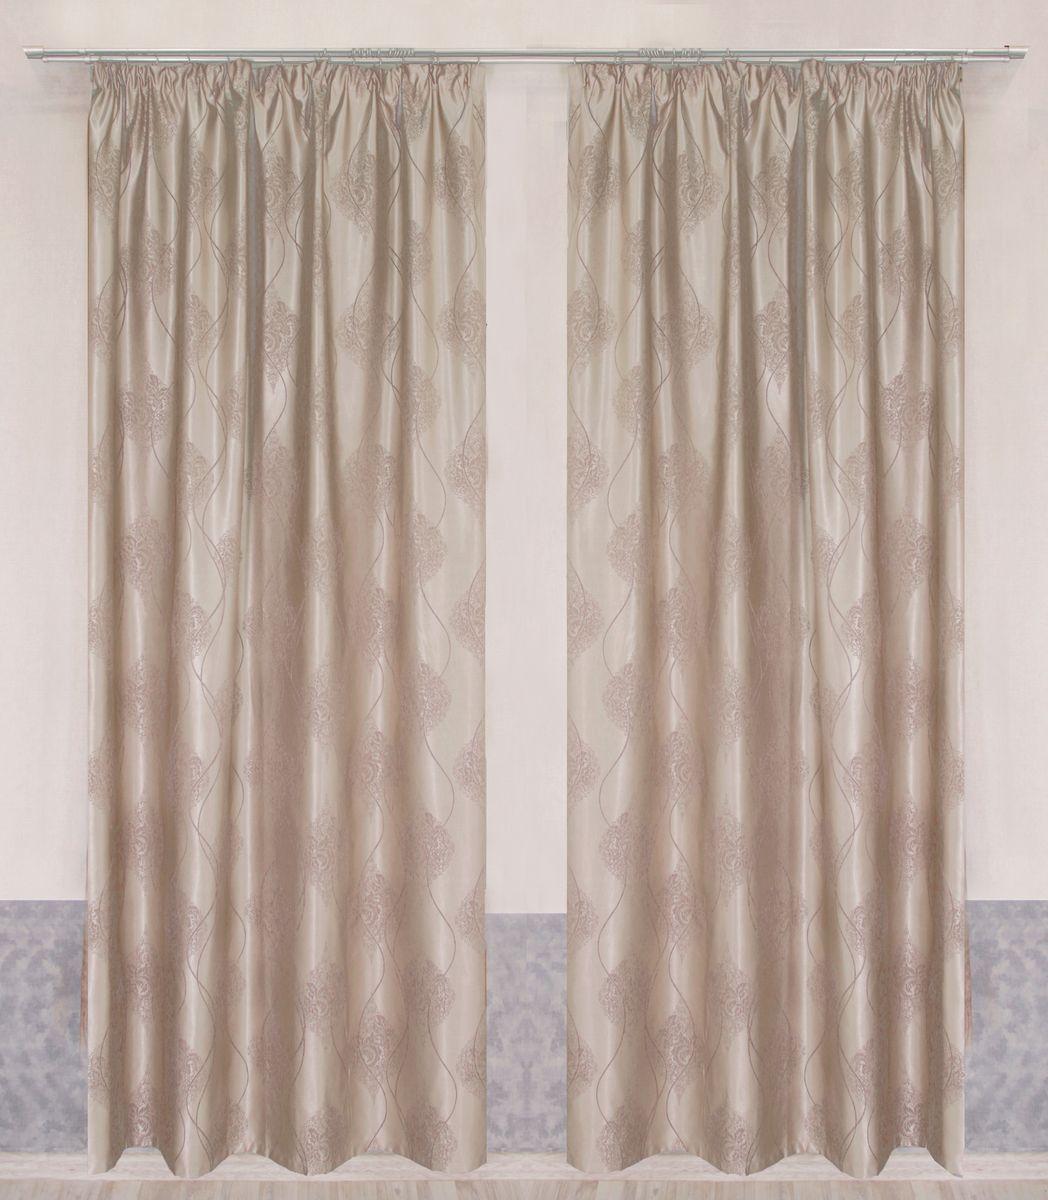 Комплект штор Zlata Korunka, на ленте, цвет: како с молоком, высота 265 см. 777103777103Роскошный комплект Zlata Korunka комплект состоит из двух штор и двух подхватов, выполненных из 100% полиэстера, которые великолепно украсит любое окно.Плотная ткань, оригинальный орнамент и приятная цветовая гамма привлекут к себе внимание и органично впишутся в интерьер помещения. Комплект крепится на карниз при помощи шторной ленты, которая поможет красиво и равномерно задрапировать верх.Этот комплект будет долгое время радовать вас и вашу семью! В комплект входит: Штора: 2 шт. Размер (ШхВ): 160 см х 265 см. Подхват: 2 шт.